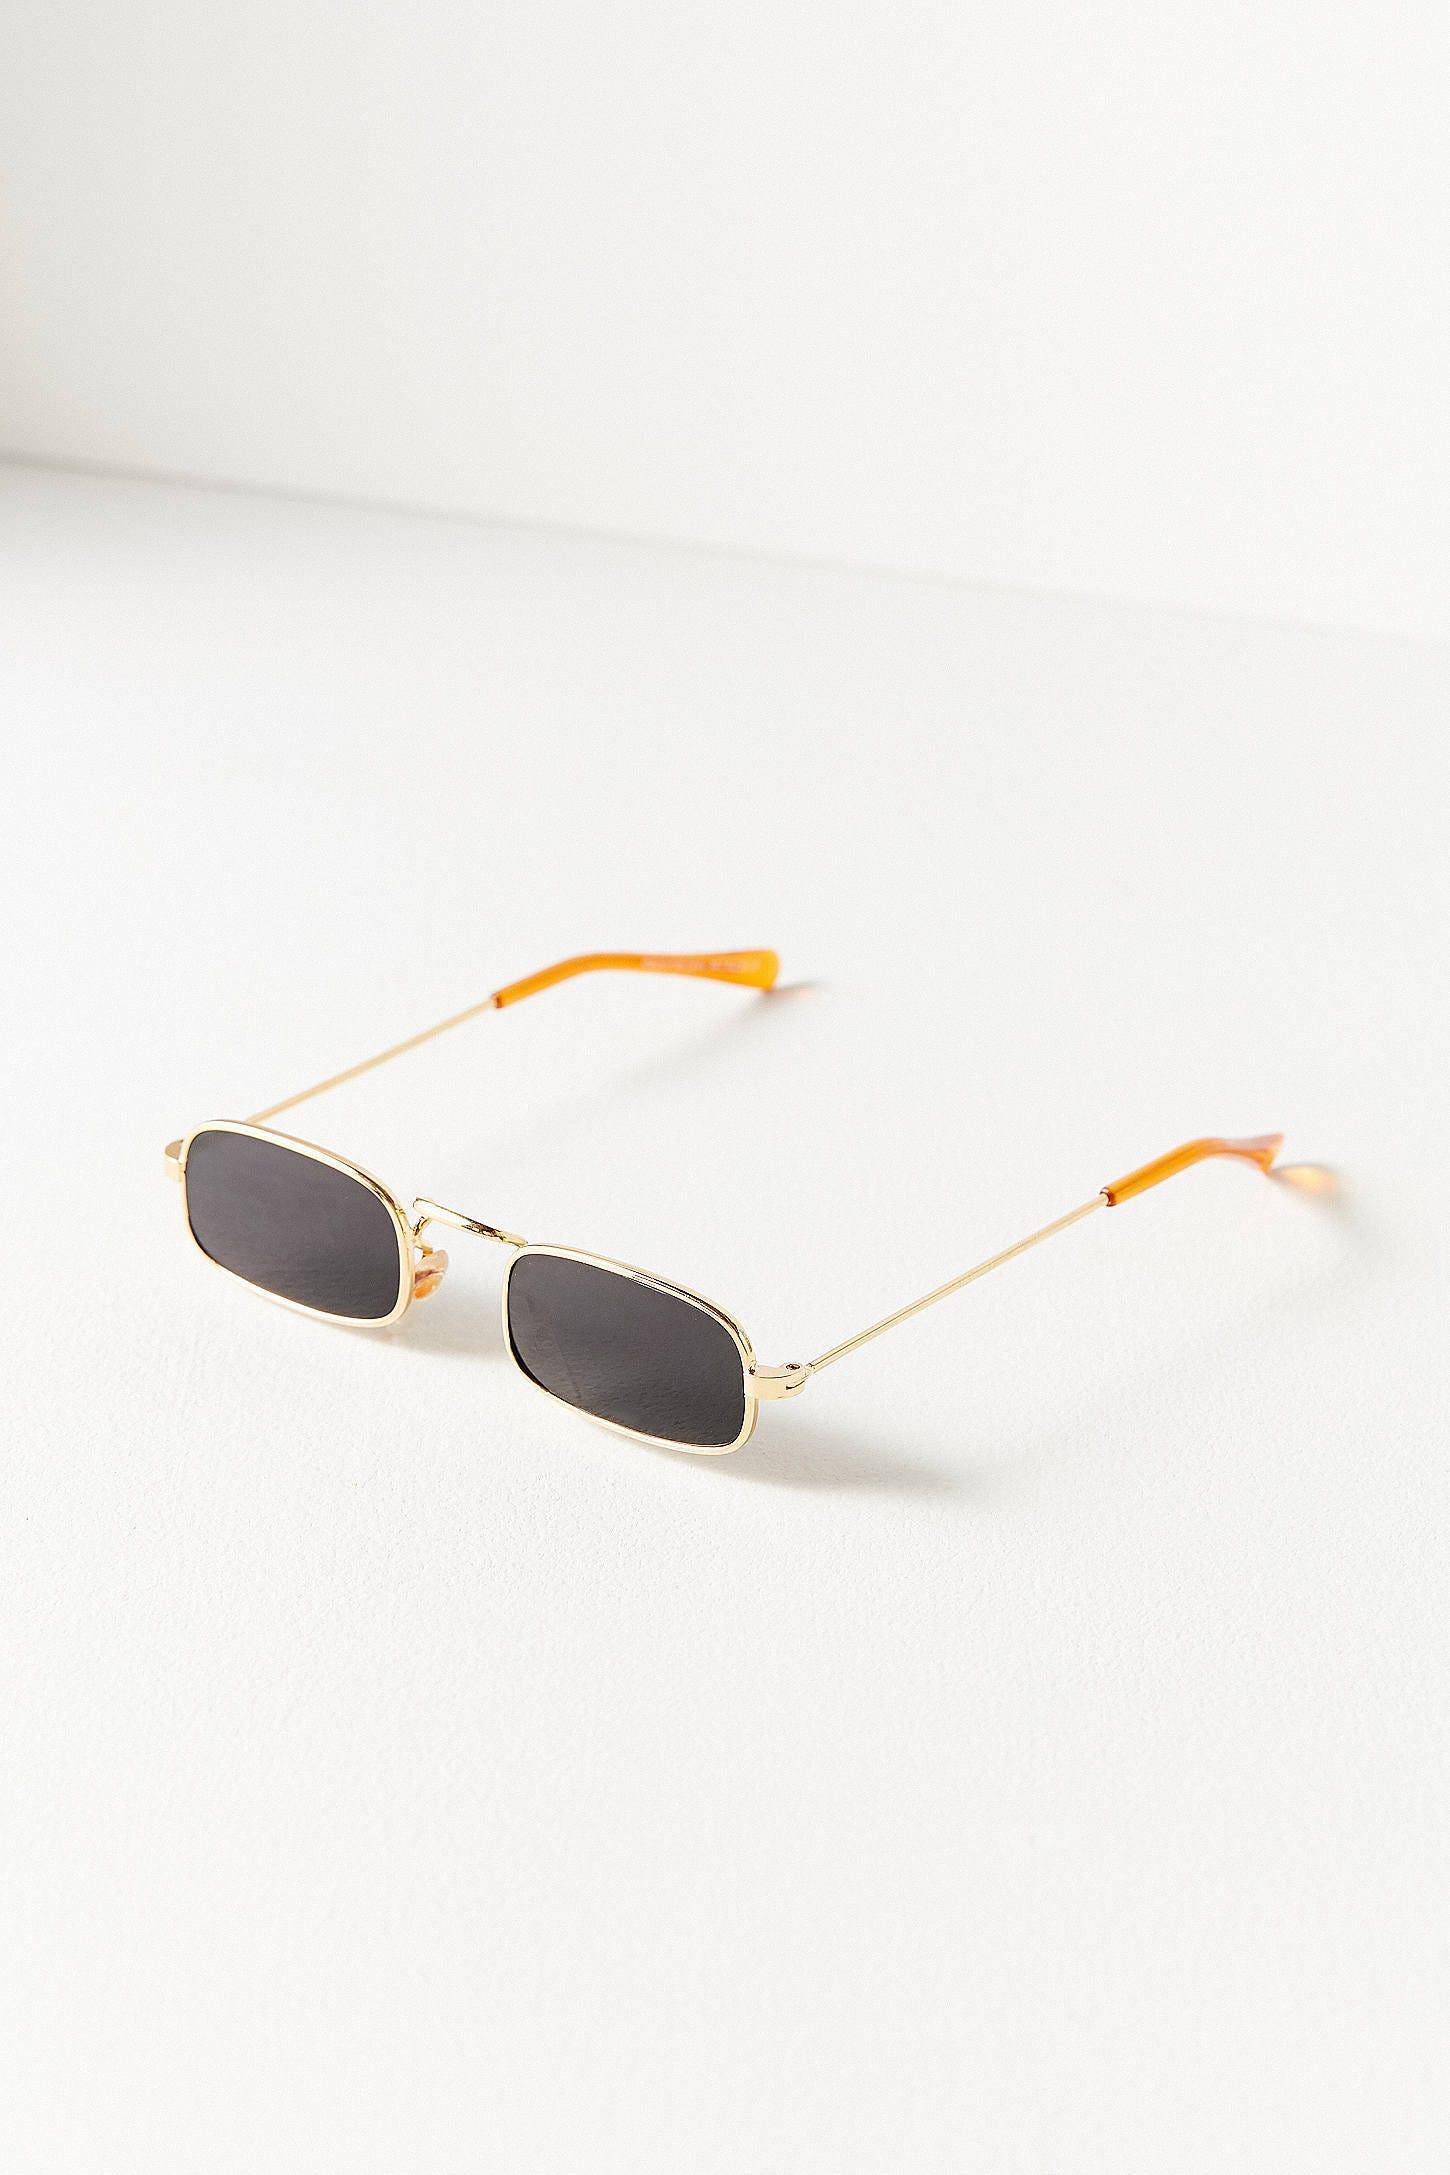 4d7d14018d348 Best Sunglasses Trend 2018 For Women To Shop